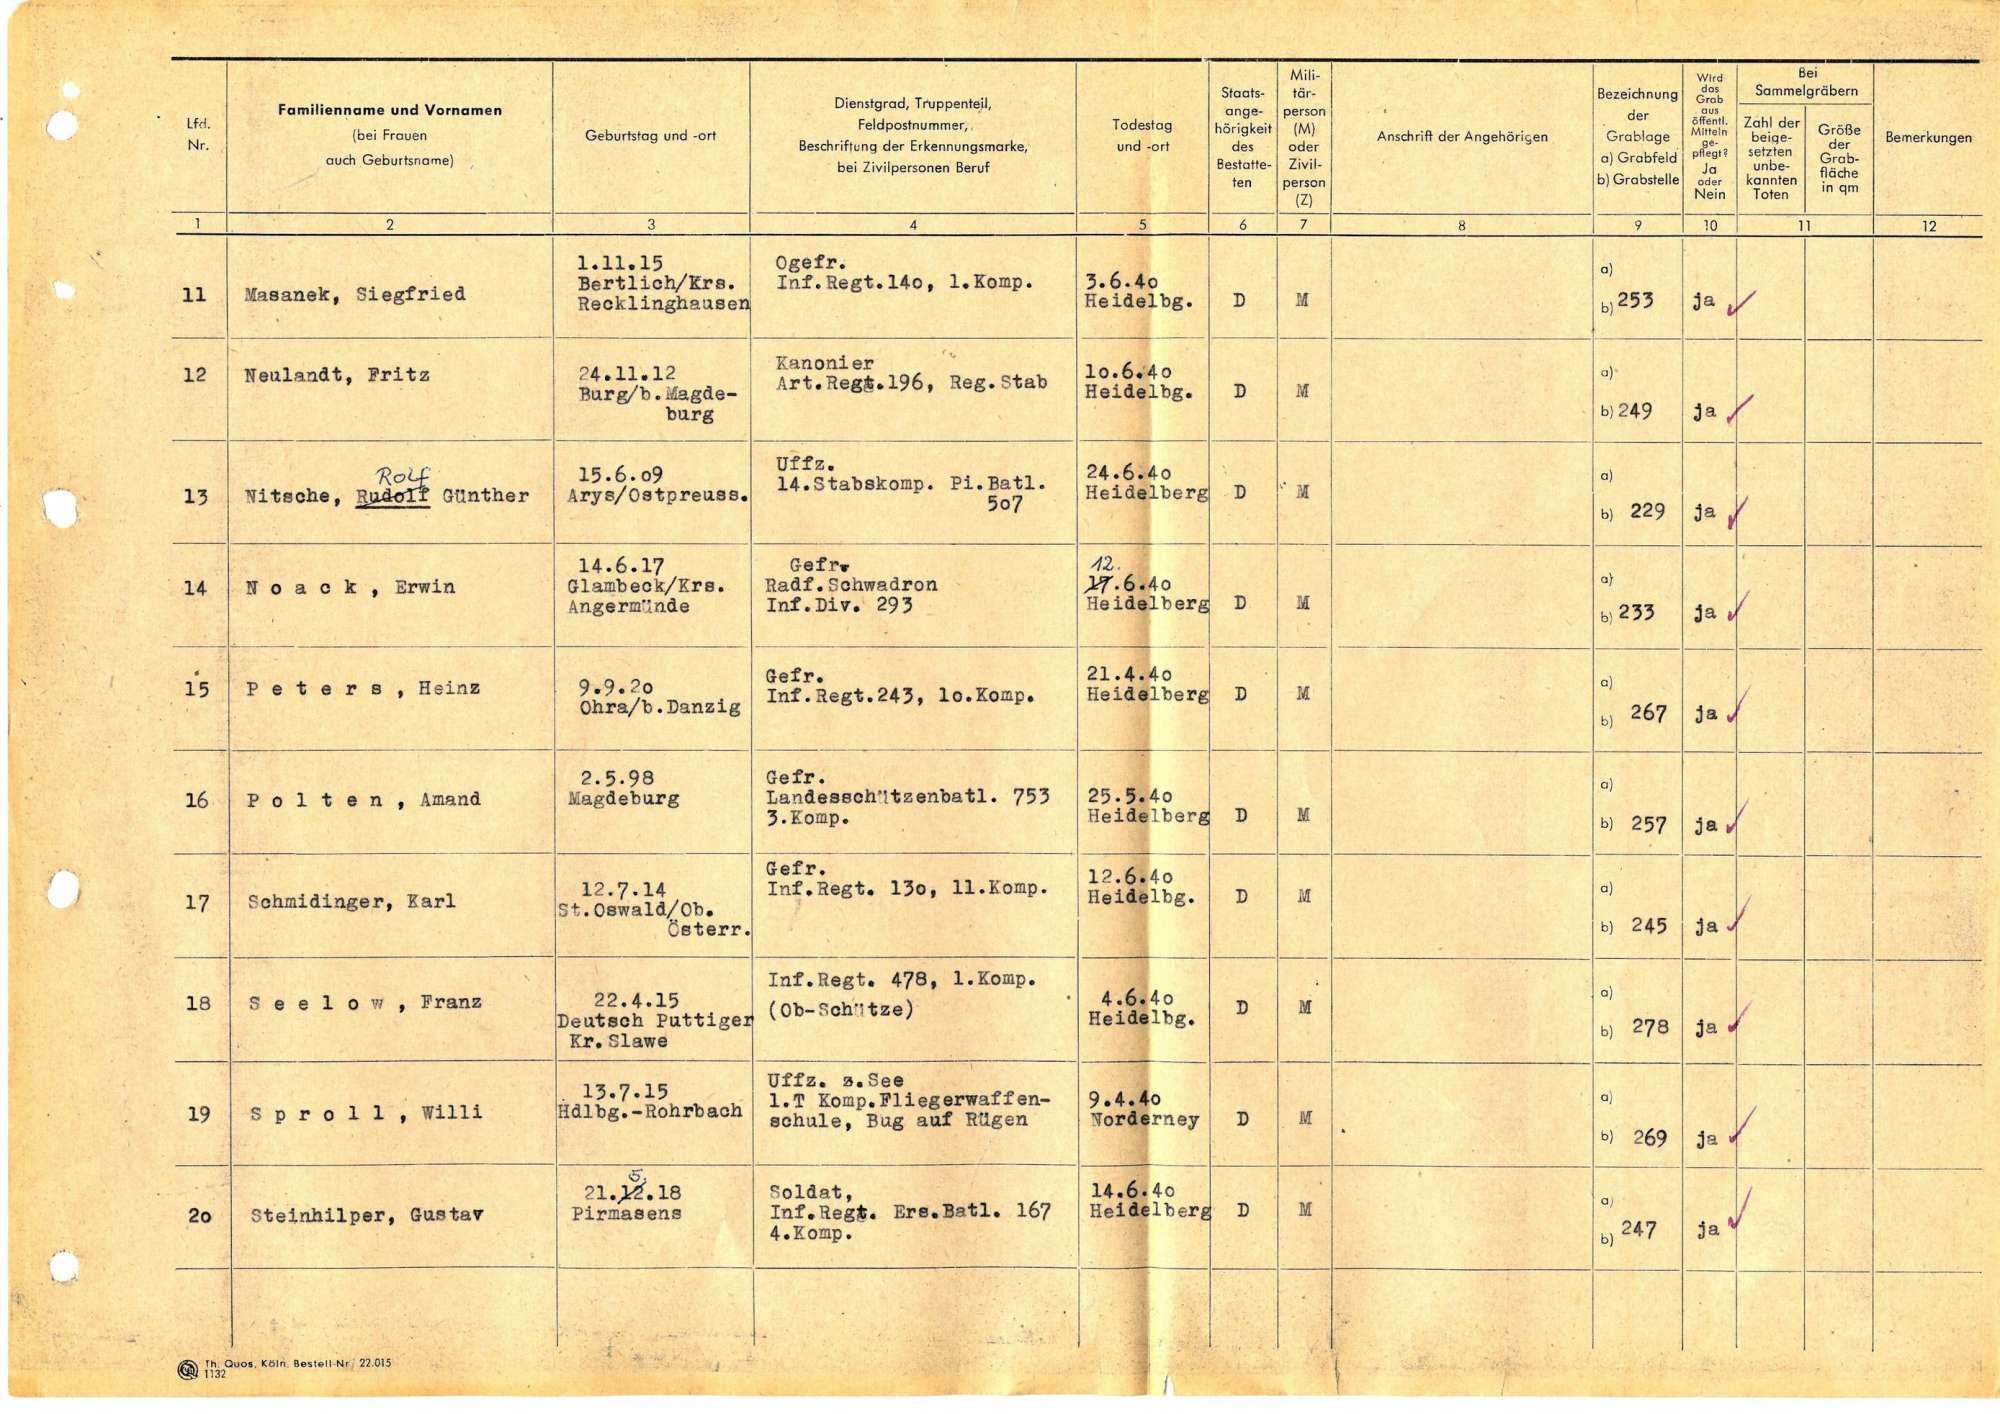 Ehrenfriedhof 1914-18 zug. Heidelberg, Bild 3